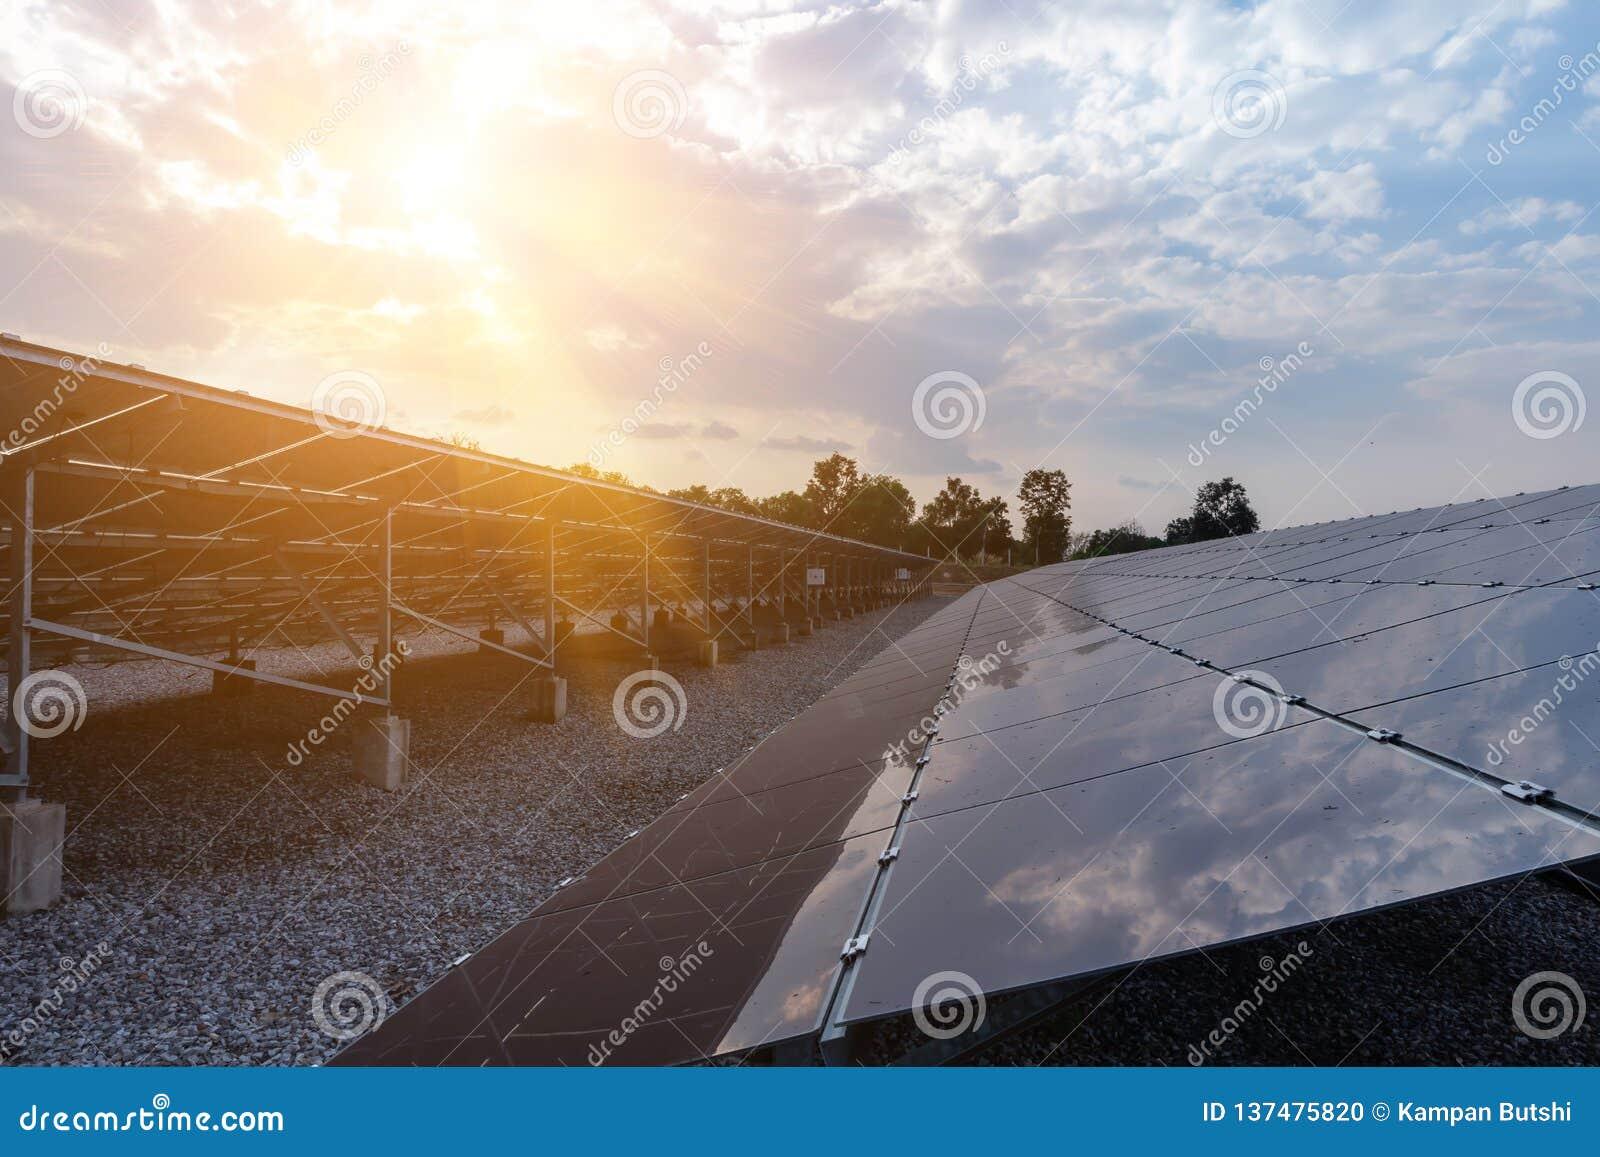 Sonnenkollektor, alternative Stromquelle - Konzept von stützbaren Betriebsmitteln und dieses ist die Sonnenkollektormonoart